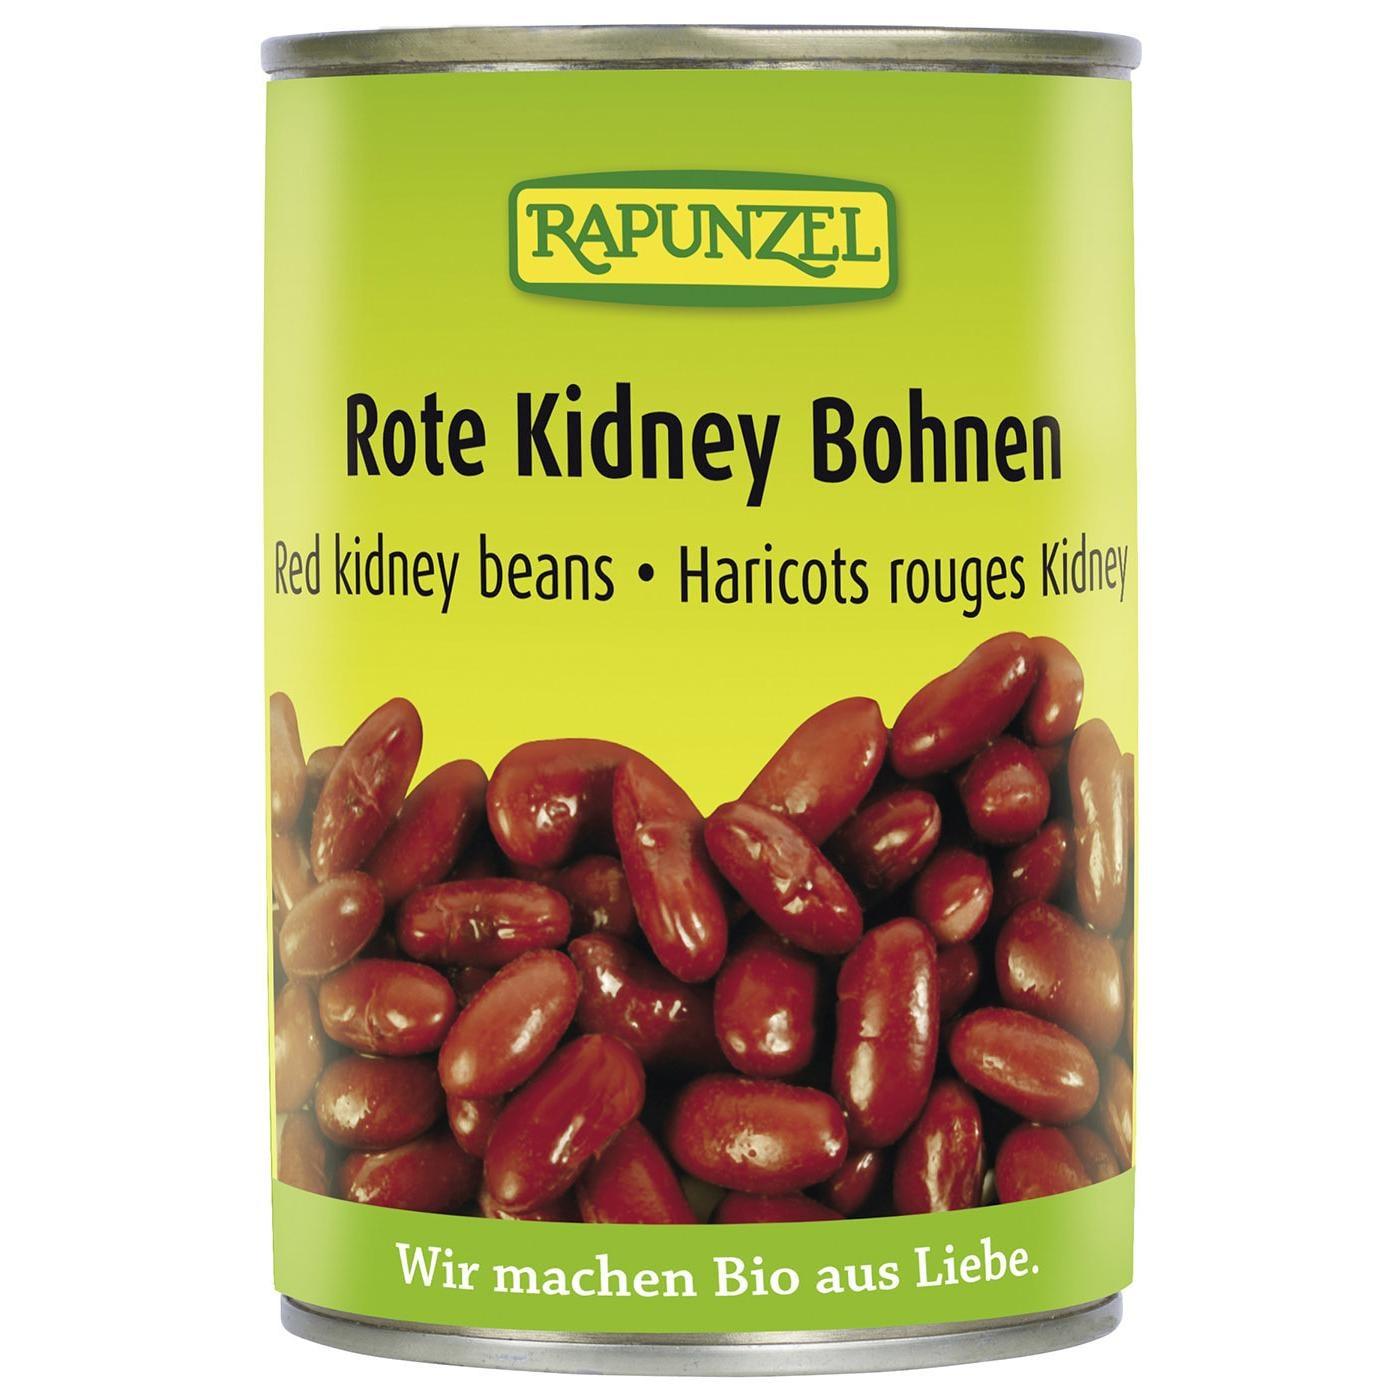 Rapunzel Bio Rote Kidney Bohnen 400g